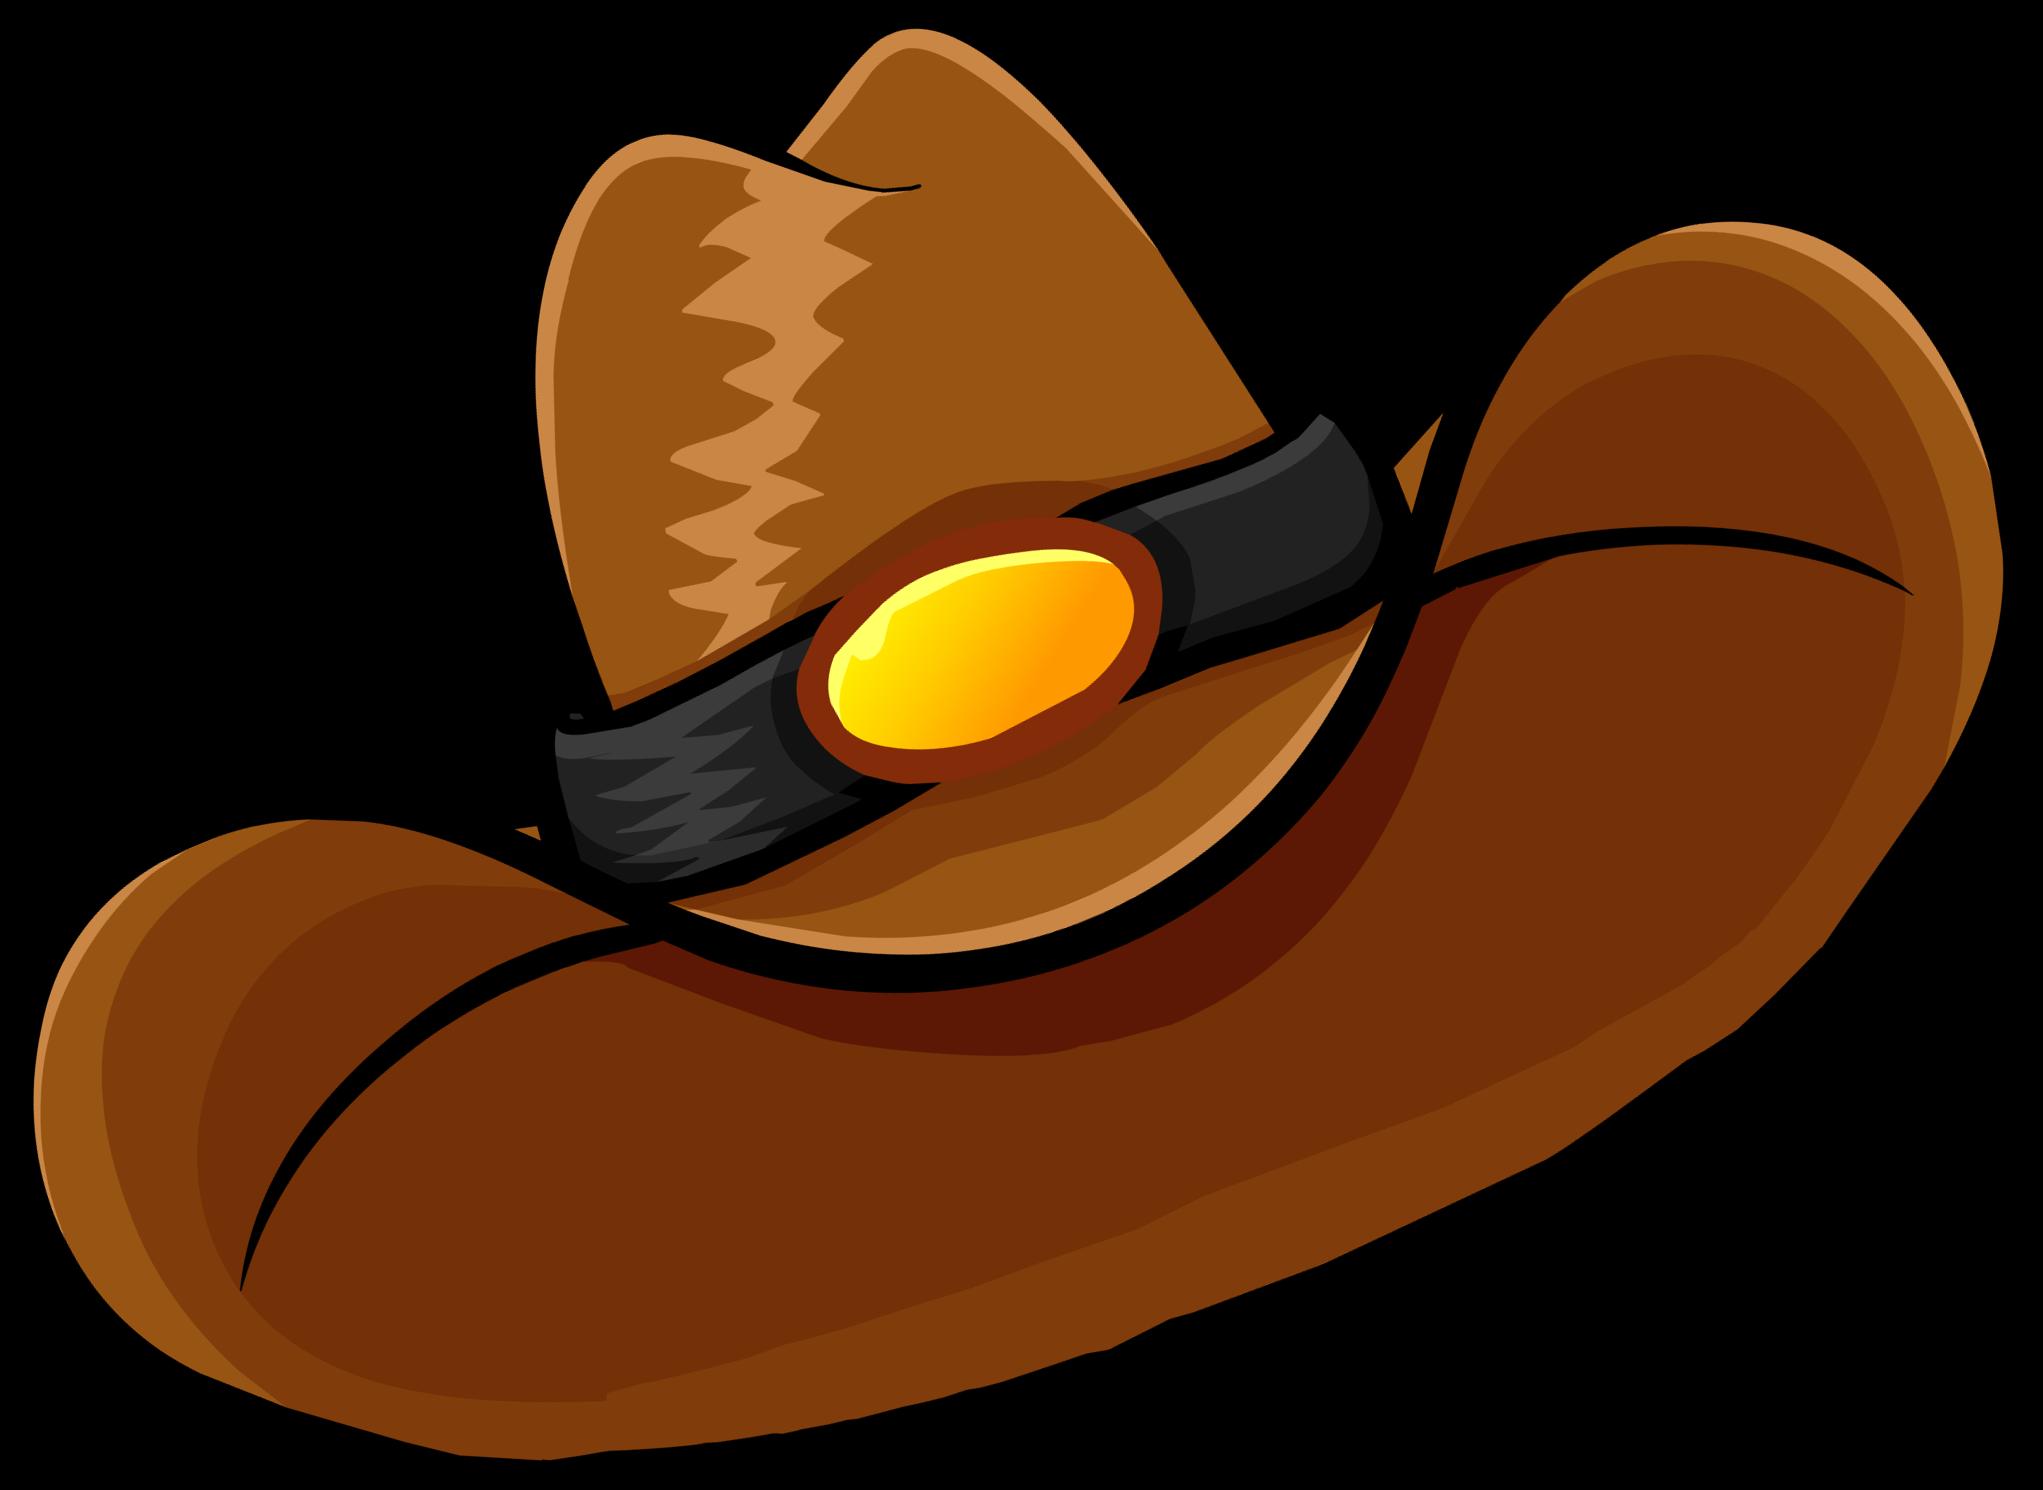 Cowboy clipart cowboy outfit. Hat png transparent images